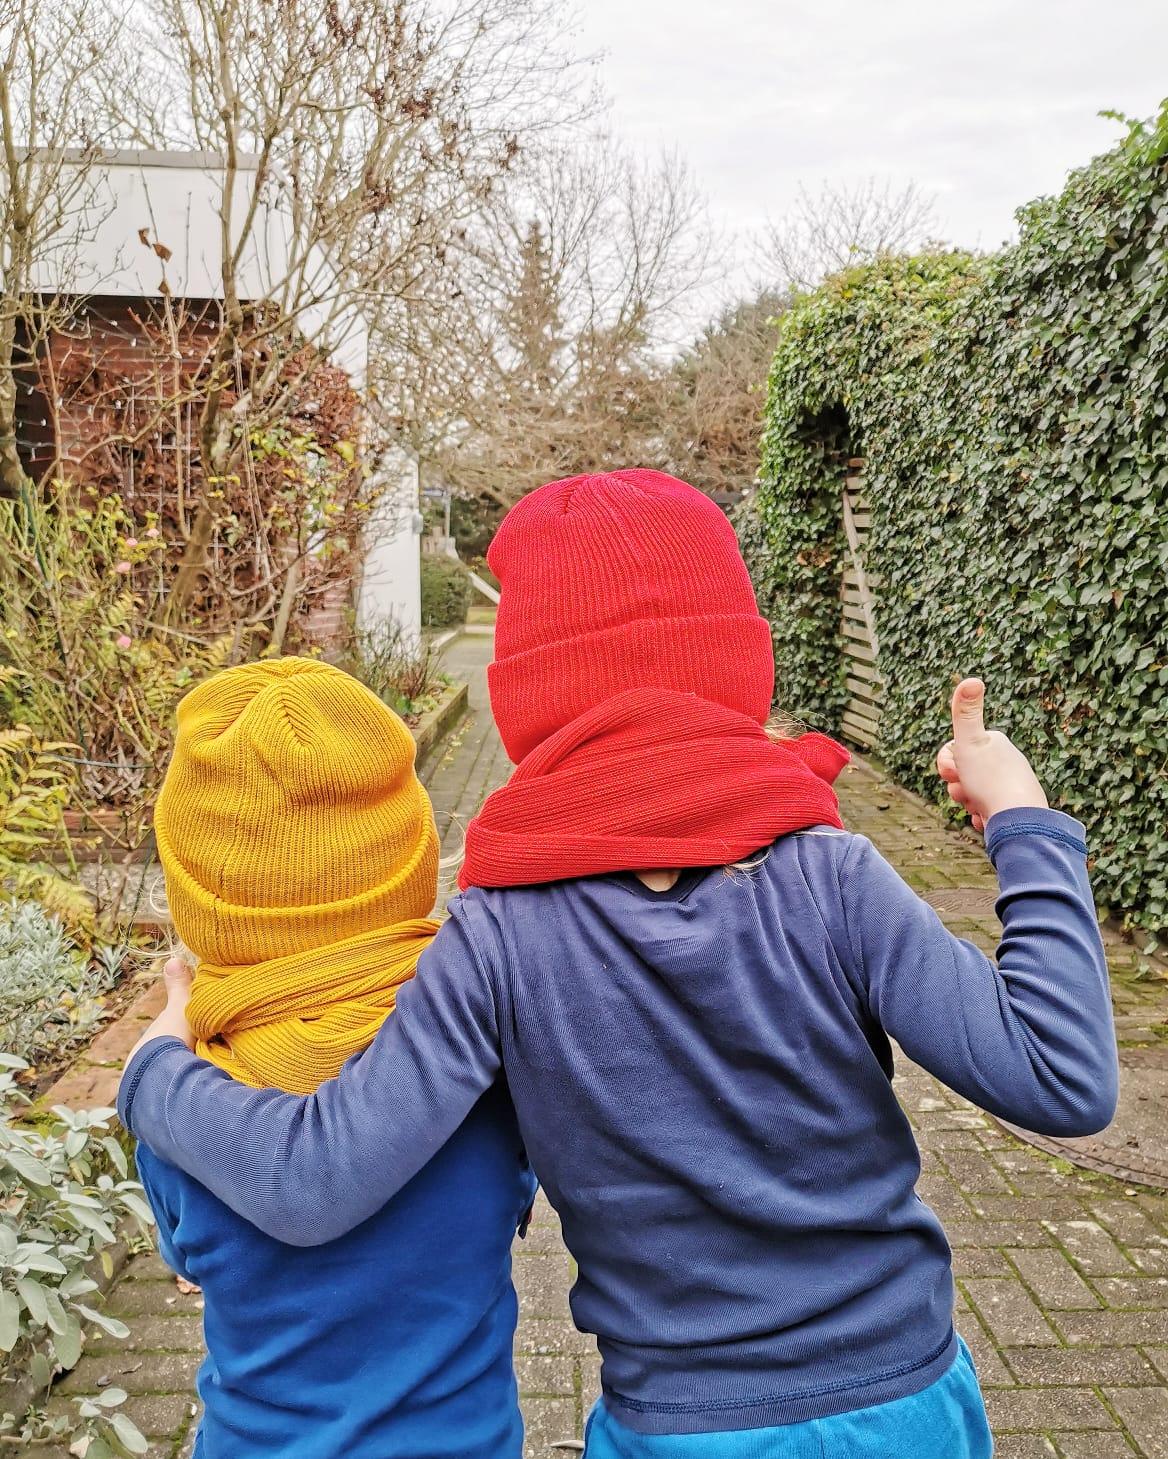 Schnelle, kostenlos, anonym und diskret: Die bke Onlineberatung bietet Erziehungsberatung und hilft Eltern und Jugendlichen bei Fragen zum Kind schnell und unkompliziert.